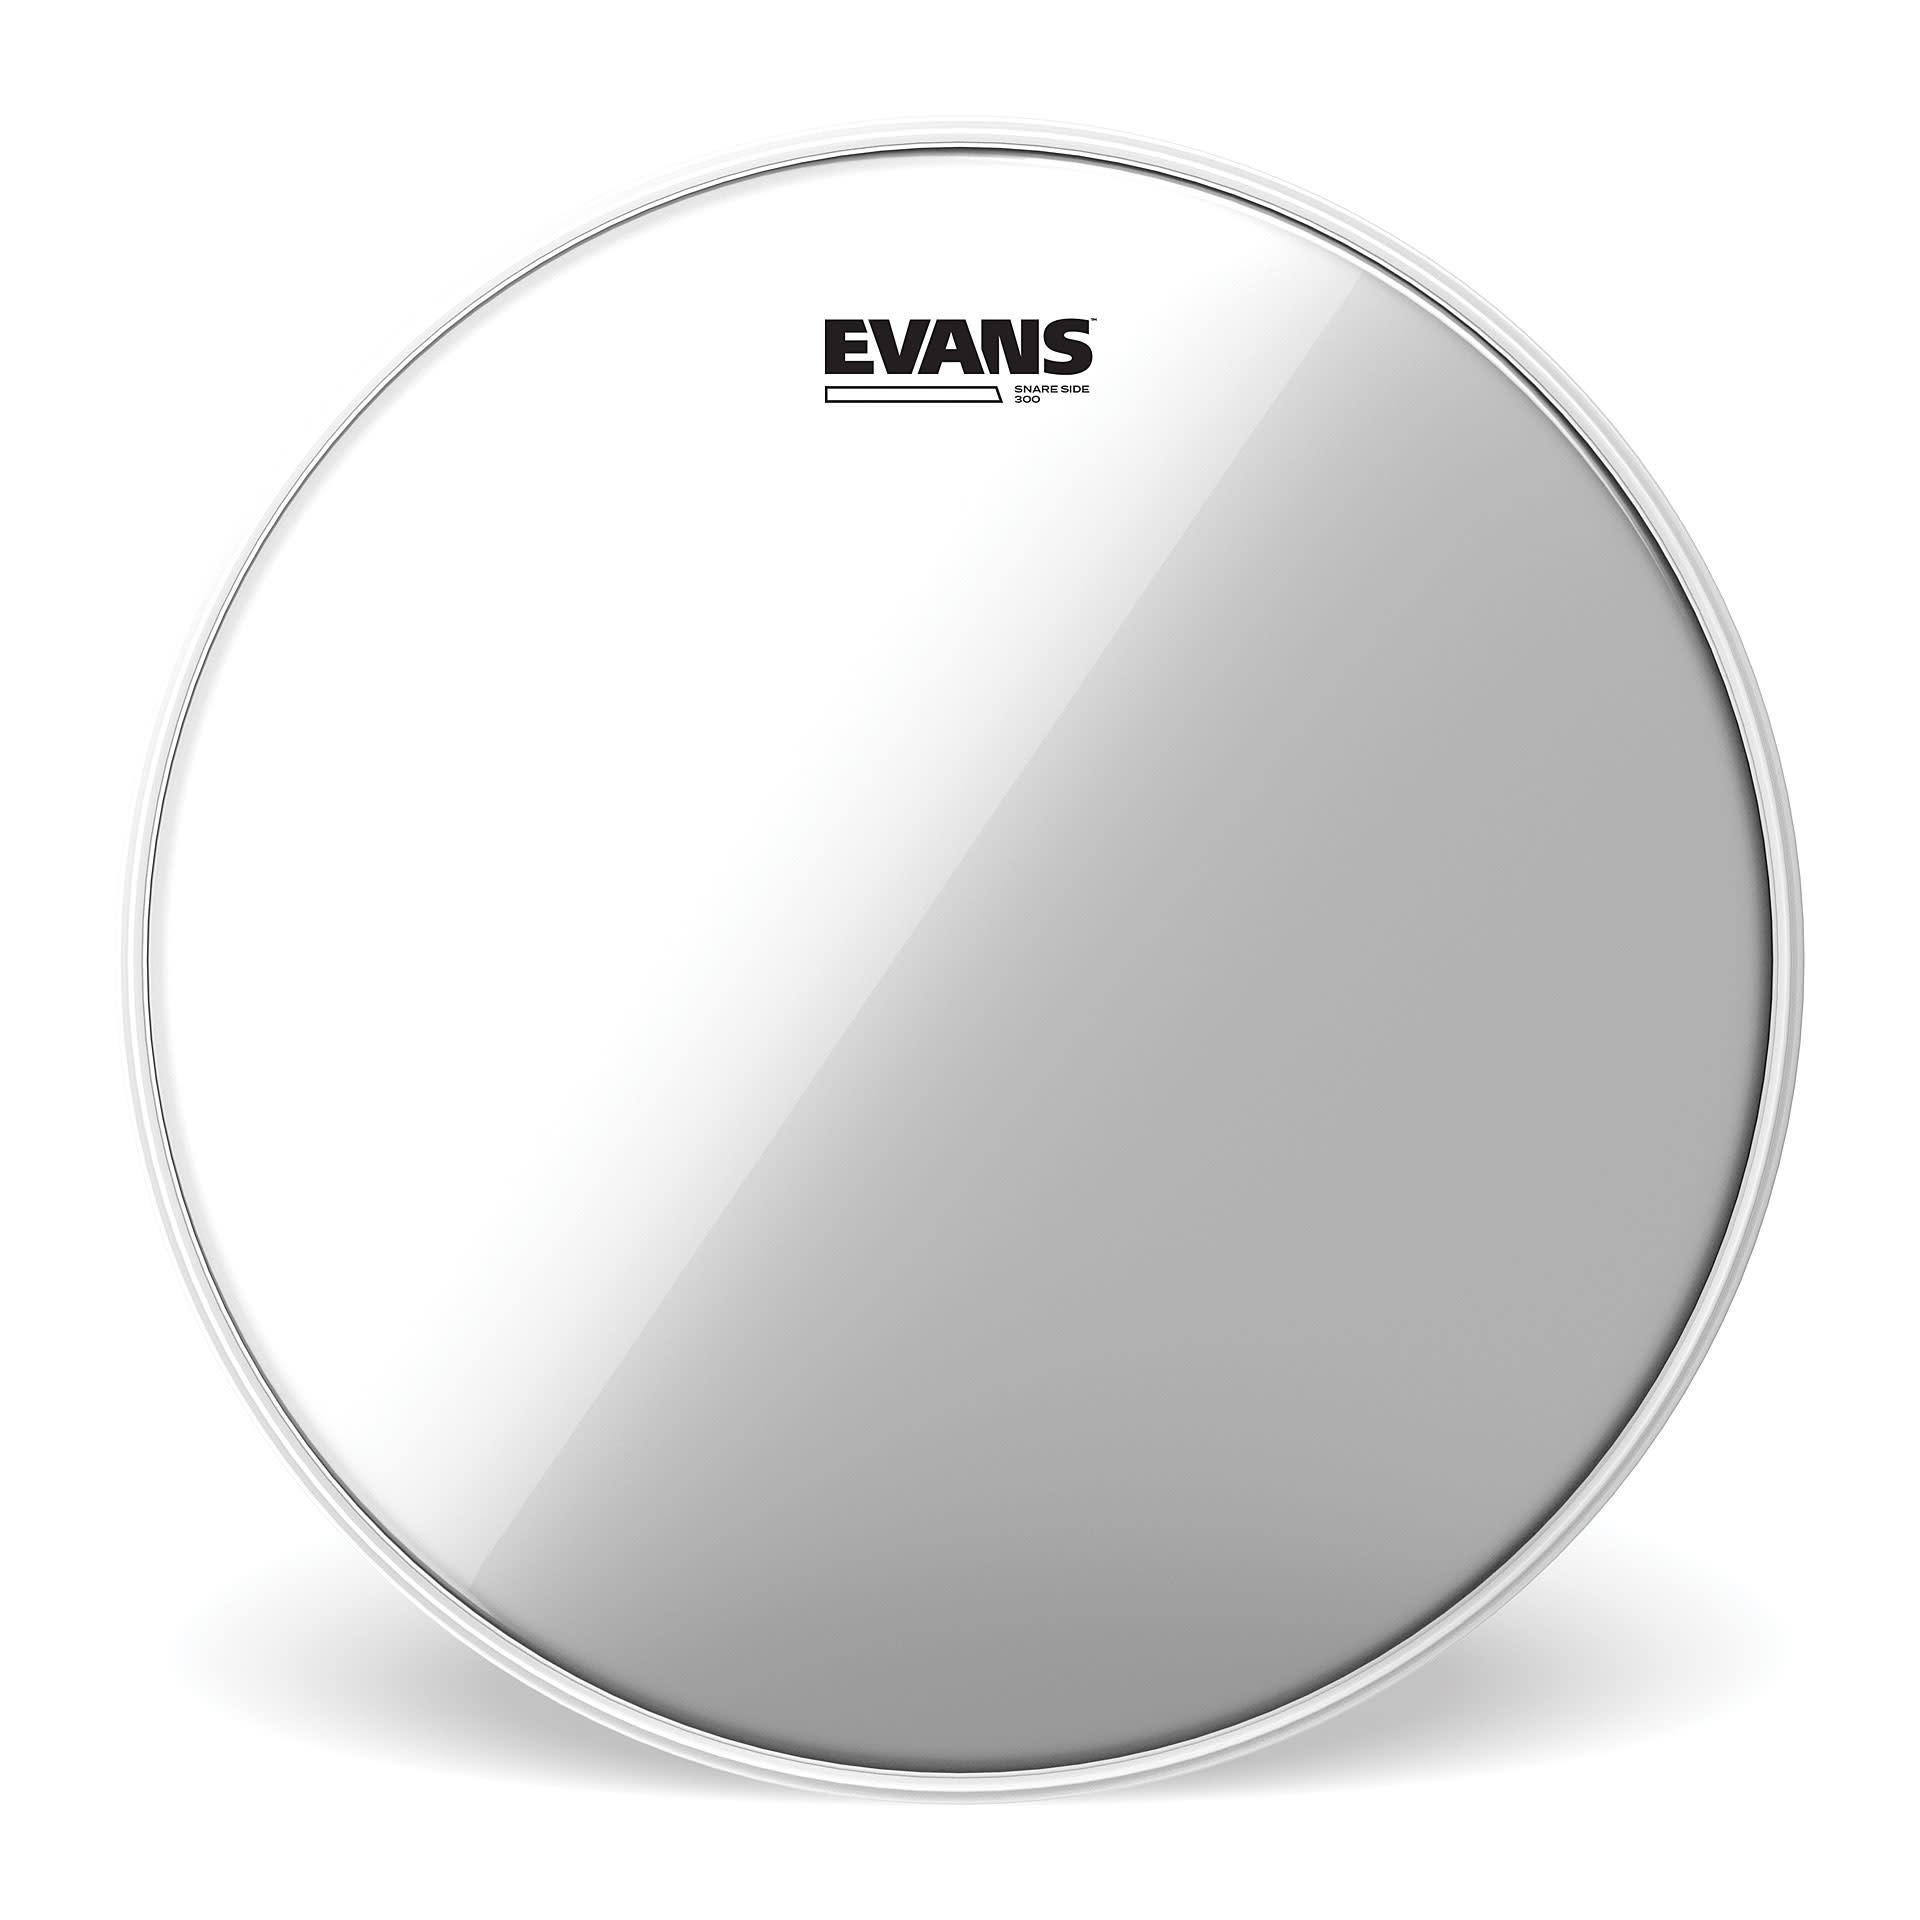 Evans Evans 300 Snare Side